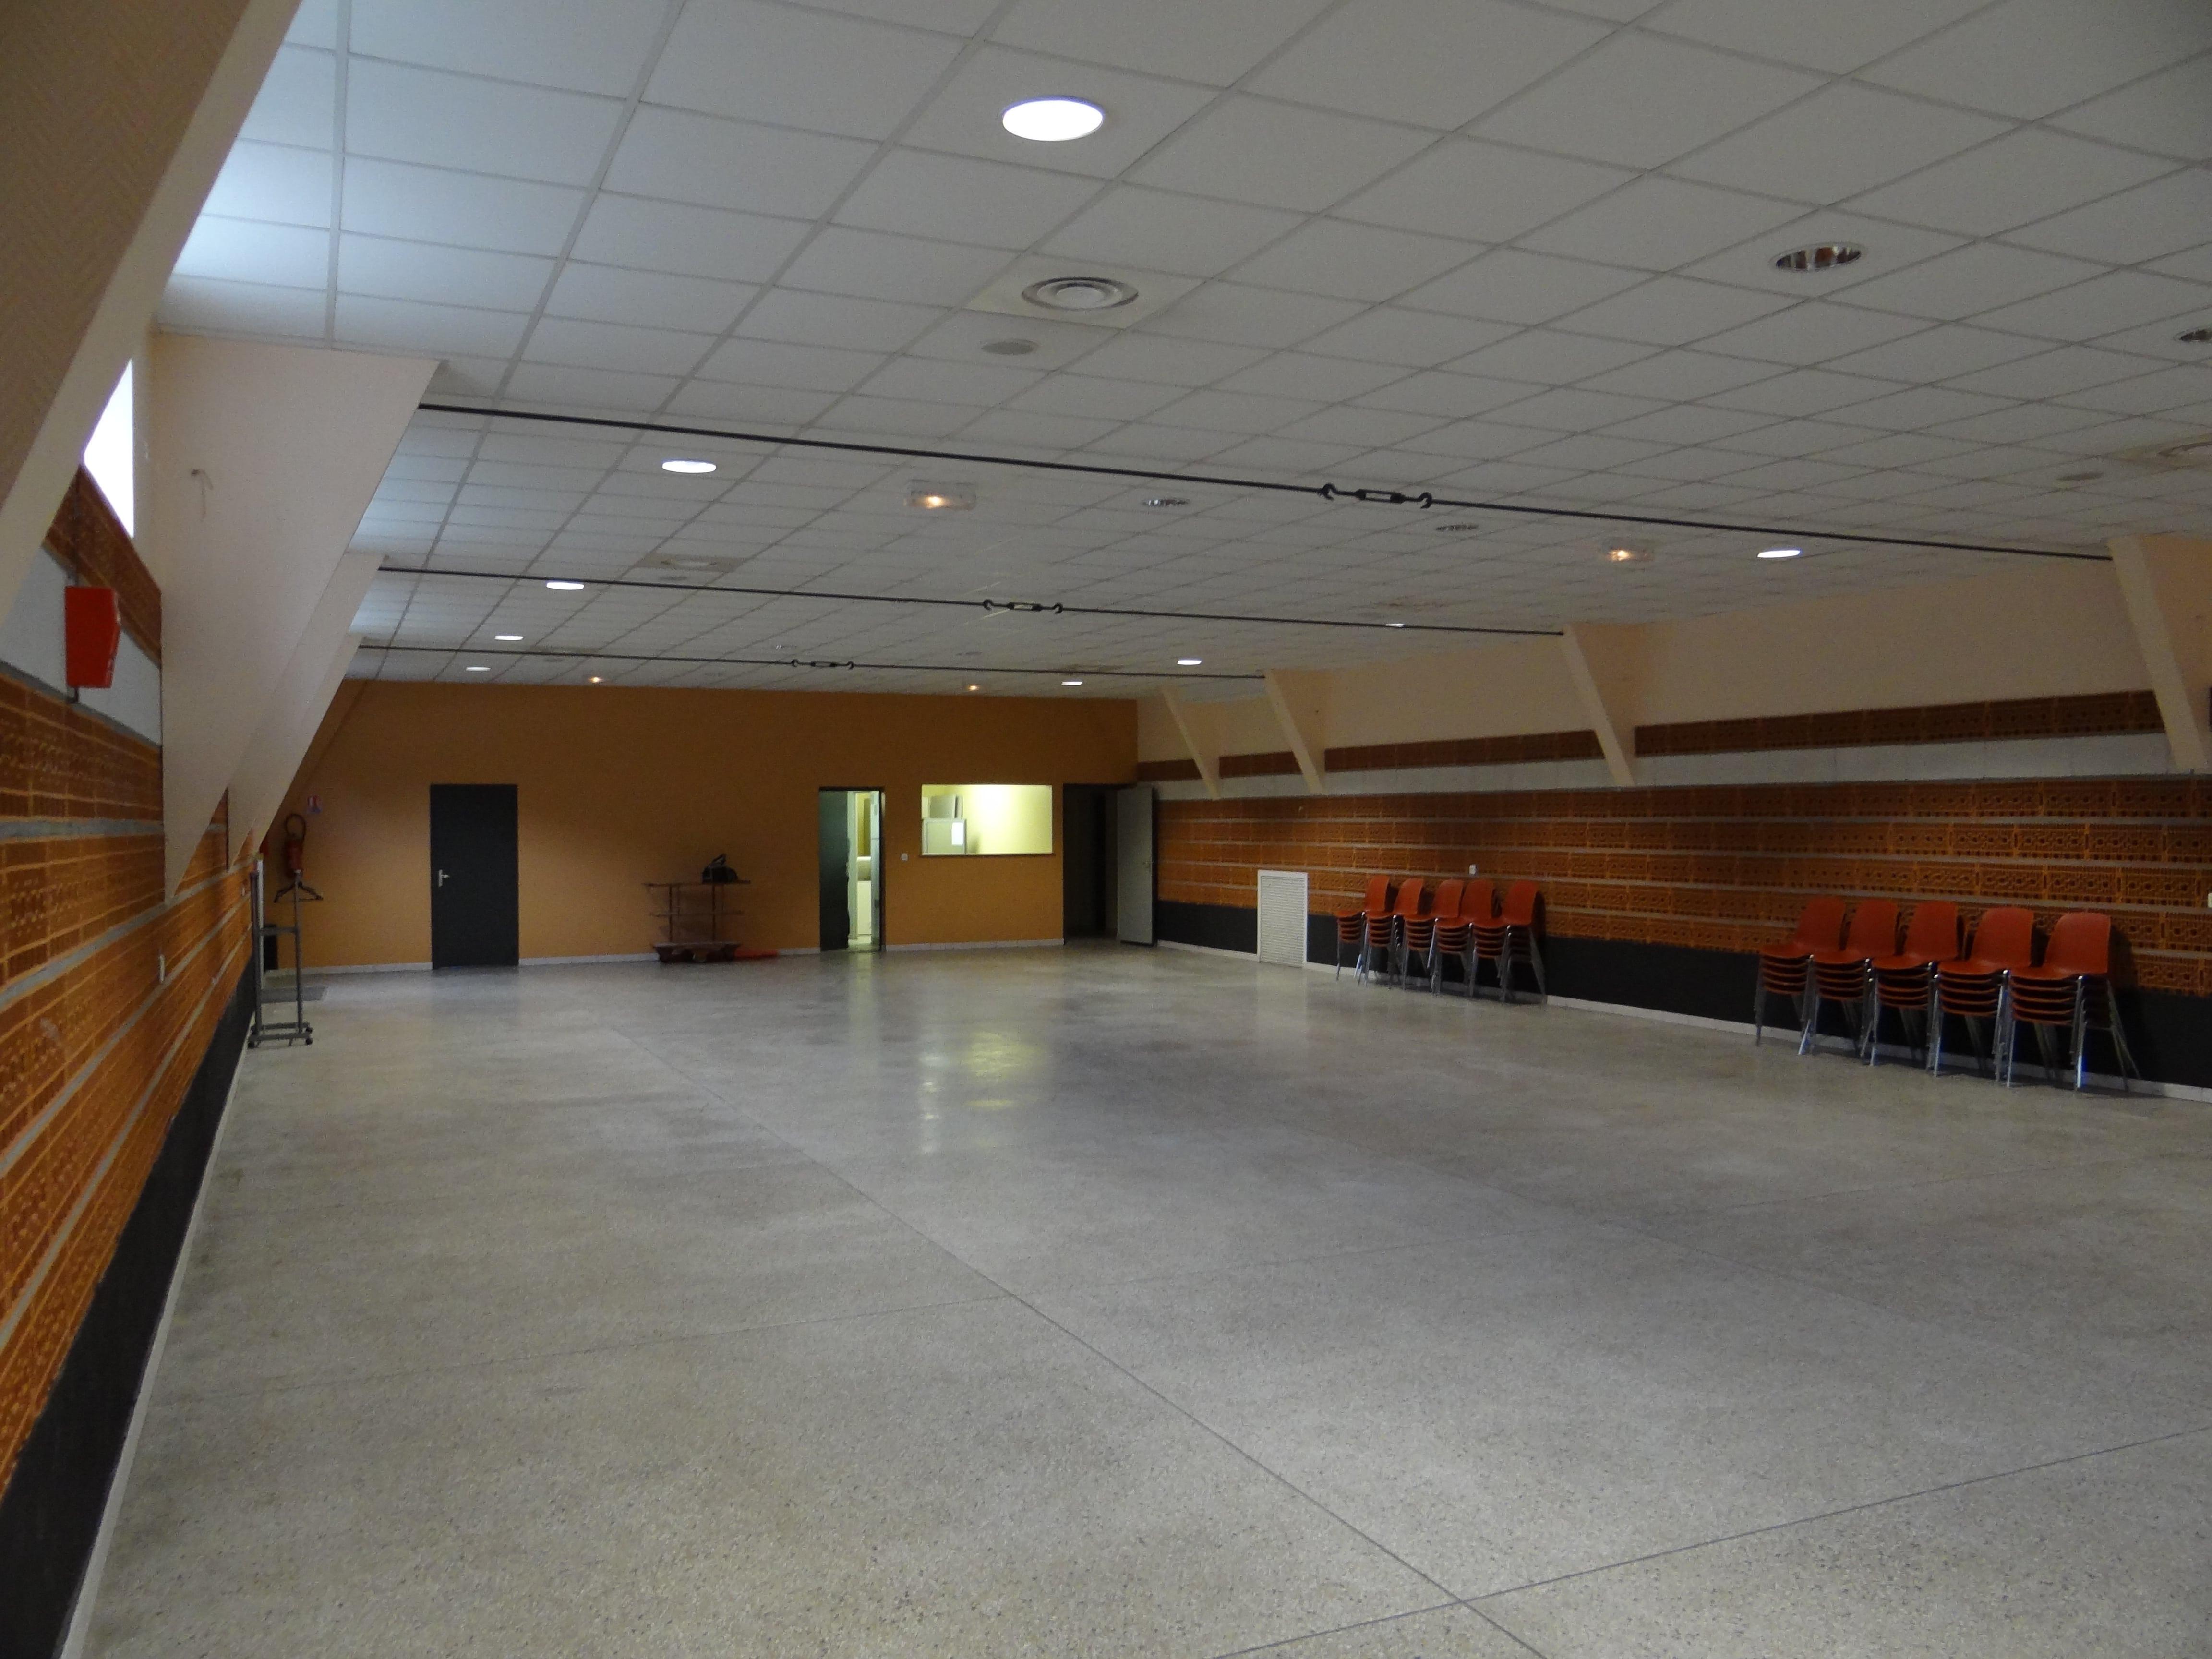 Salle Des Fetes Bienvenue A L Etoile